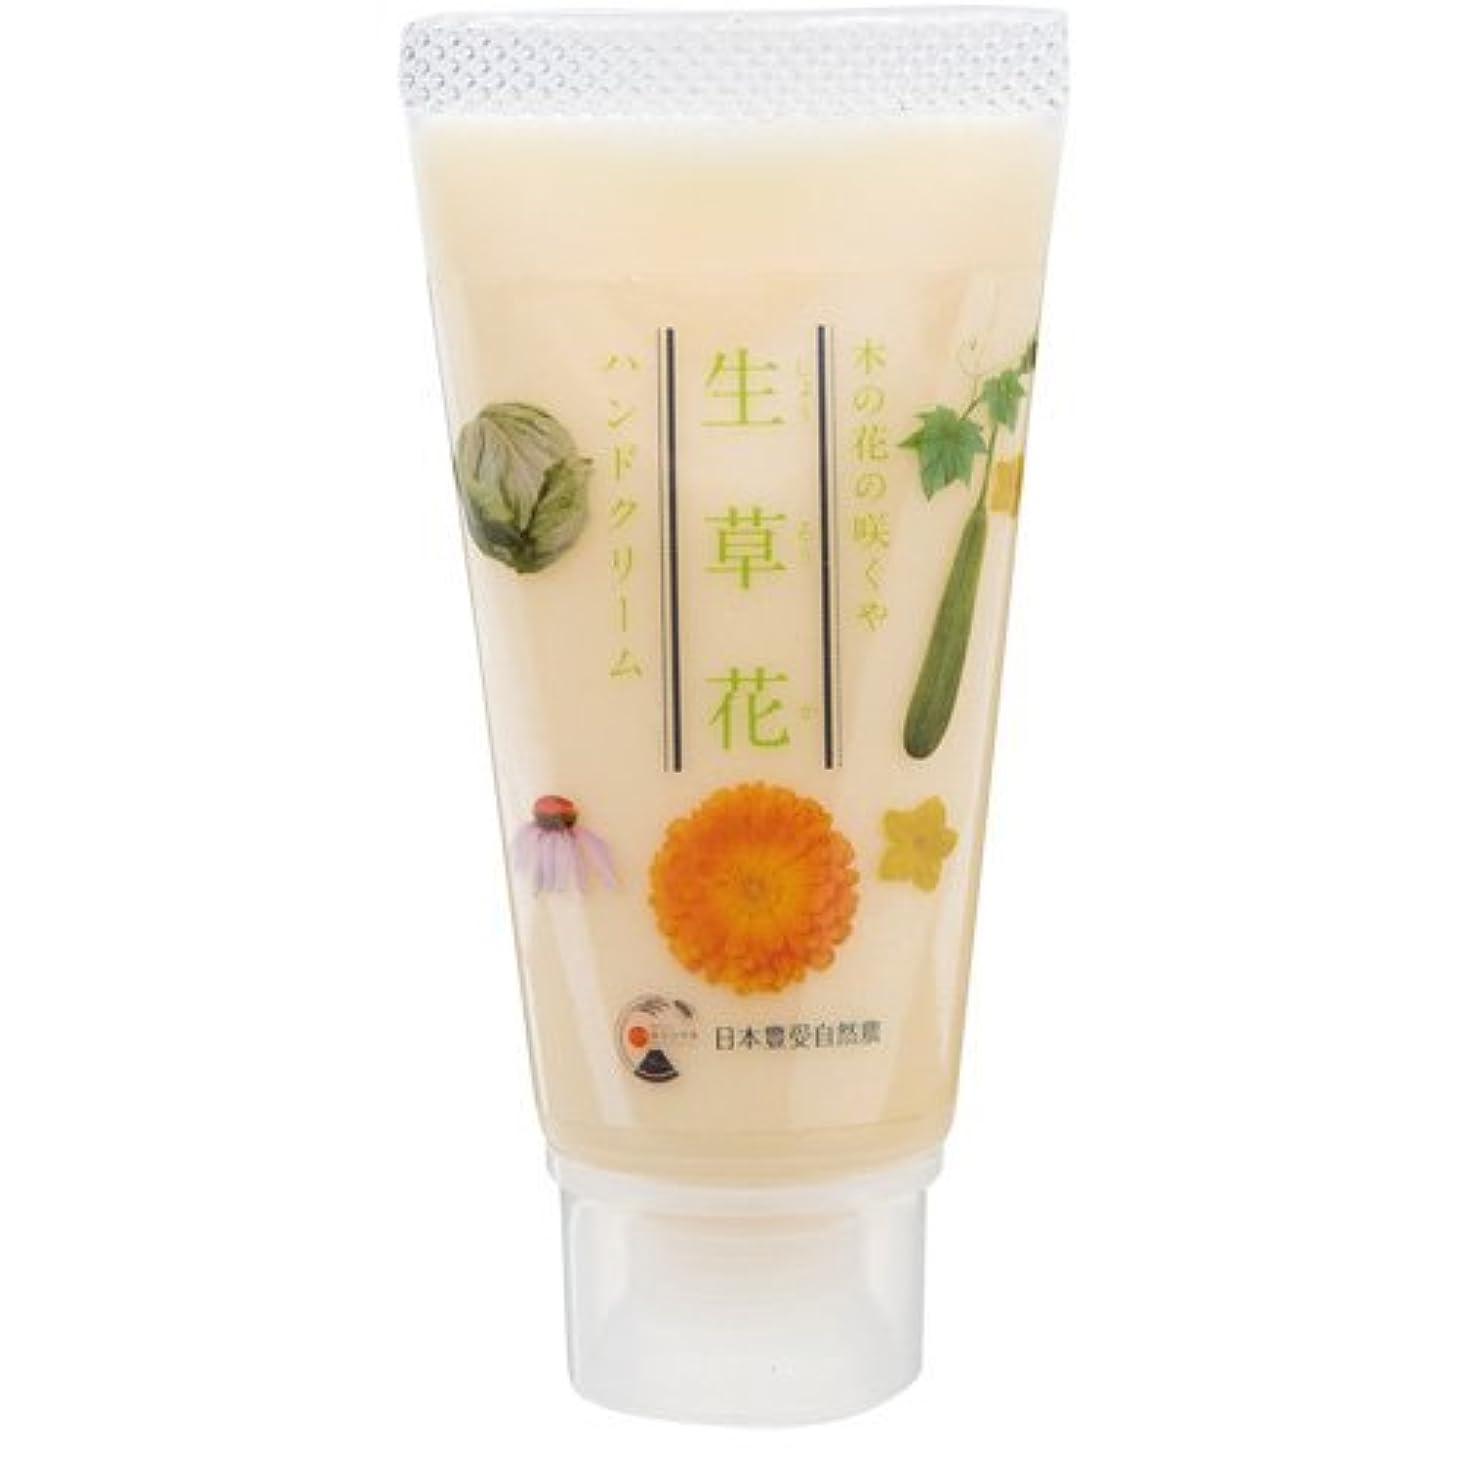 正気繕うシャトル日本豊受自然農 木の花の咲くや 生草花 ハンドクリーム 30g